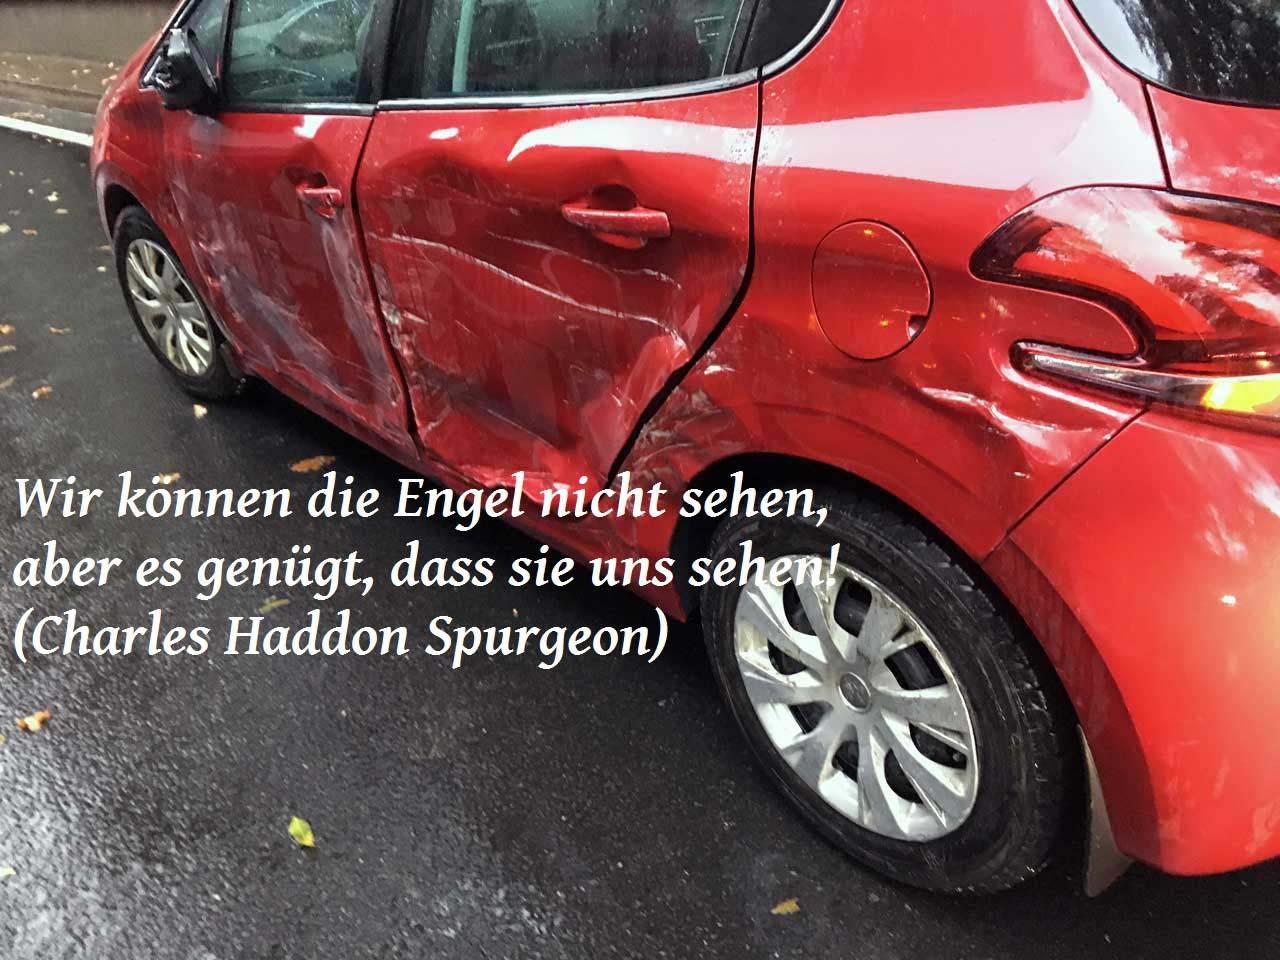 Unfallauto mit einem Zitat zum Schutzengel von Charles Haddon Spurgeon